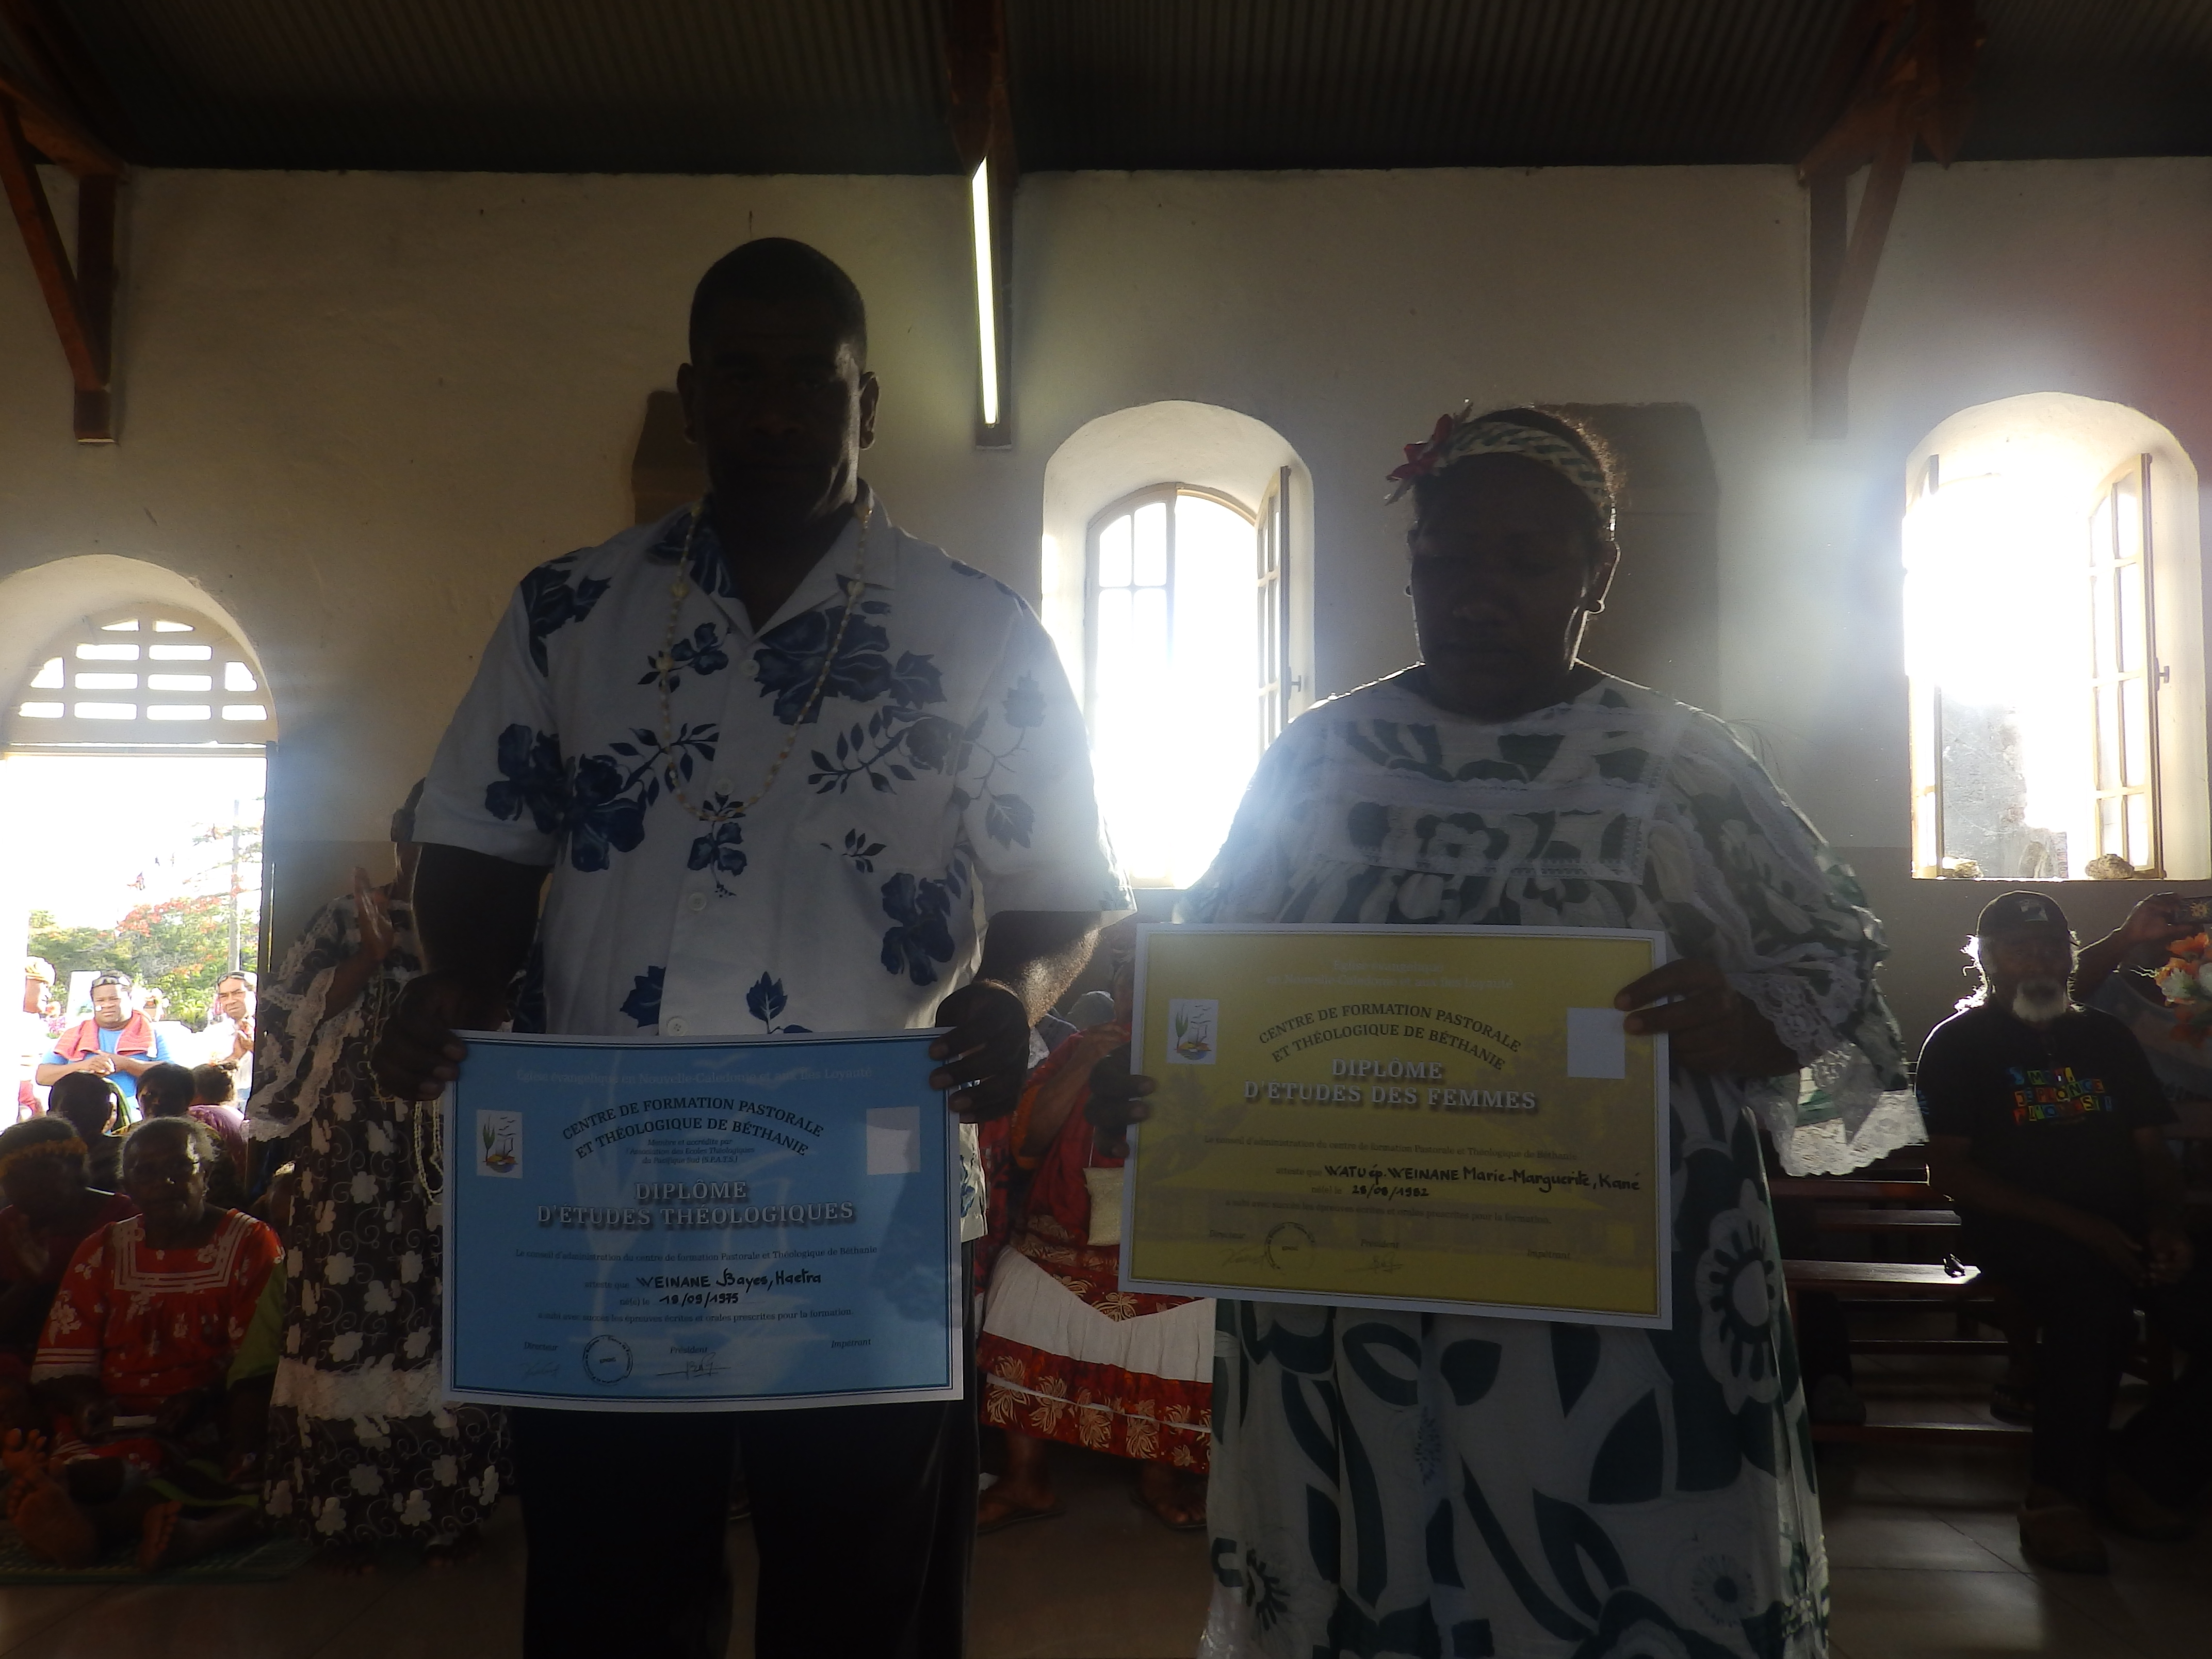 WEINANE Bai et son épouse Marguerite Mane exerceront leur ministère pastoral dans la région de Iaai.